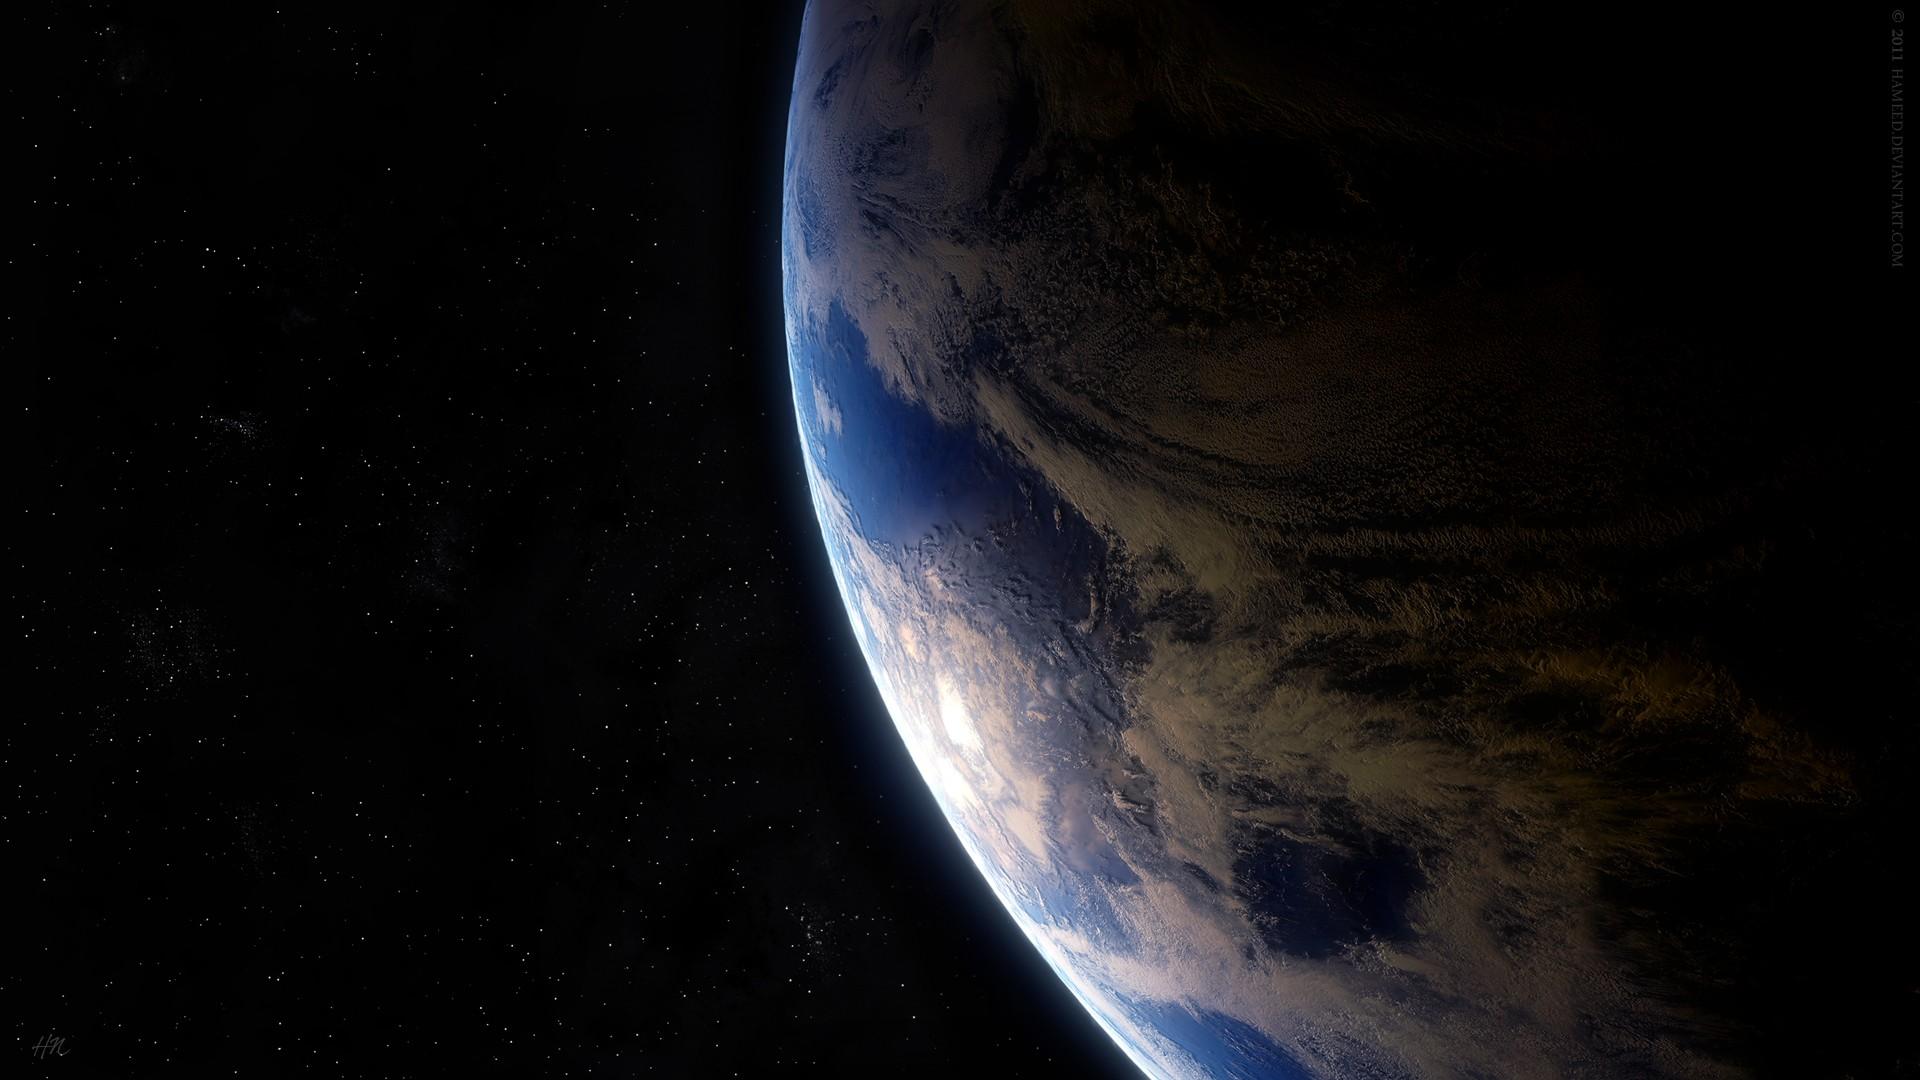 End of the world apocalypse nibiru planet x NASA Nov 19